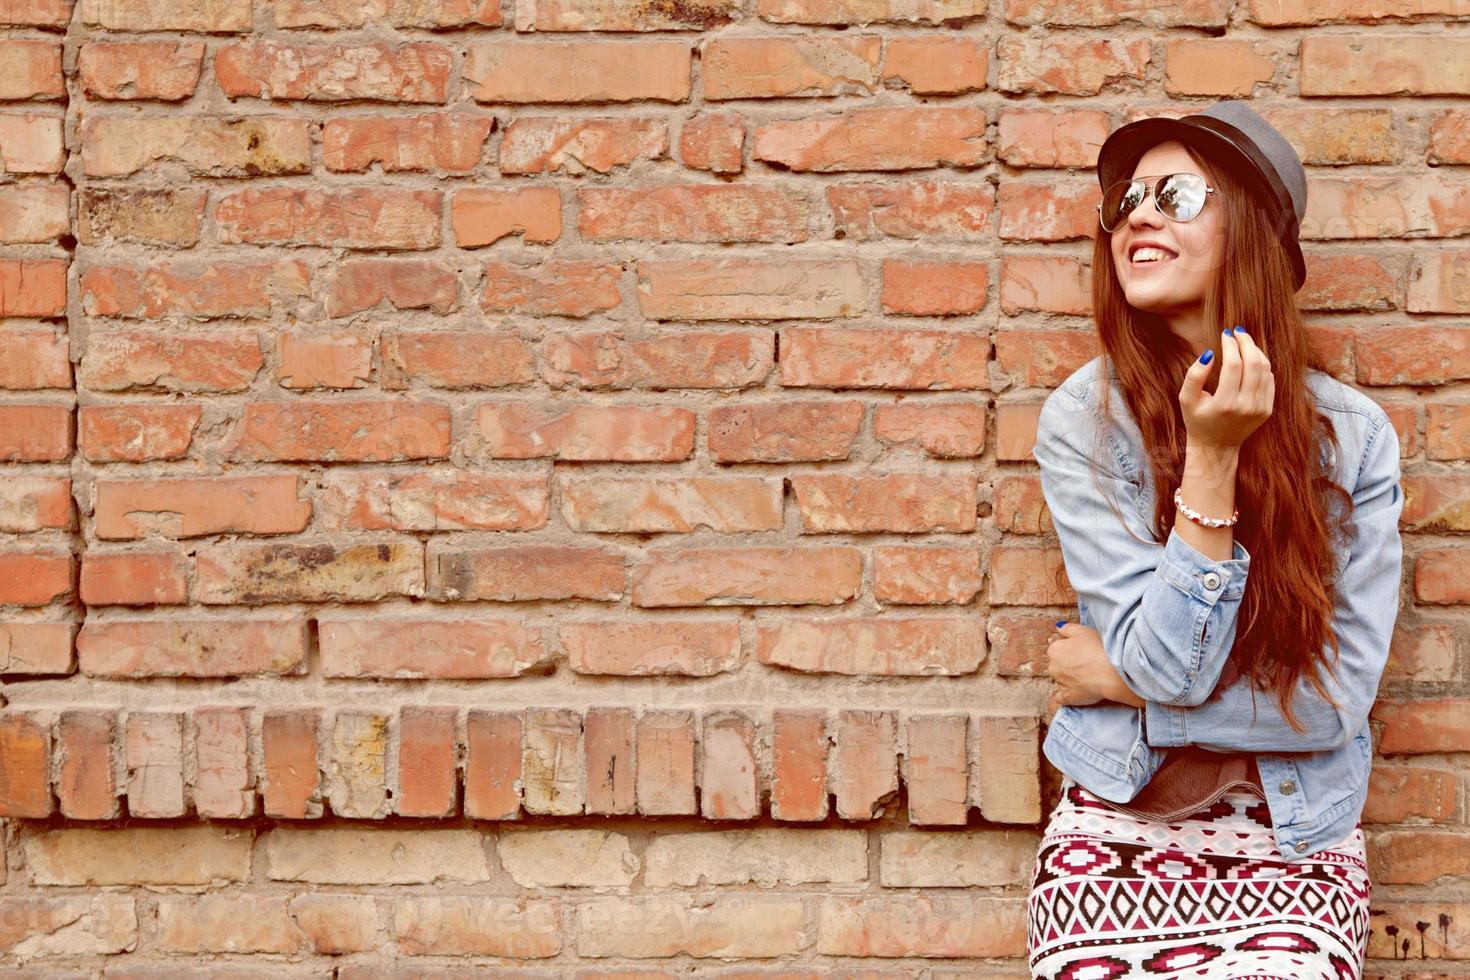 mooie schattige tiener meisje lachend in de buurt van de bakstenen muur foto